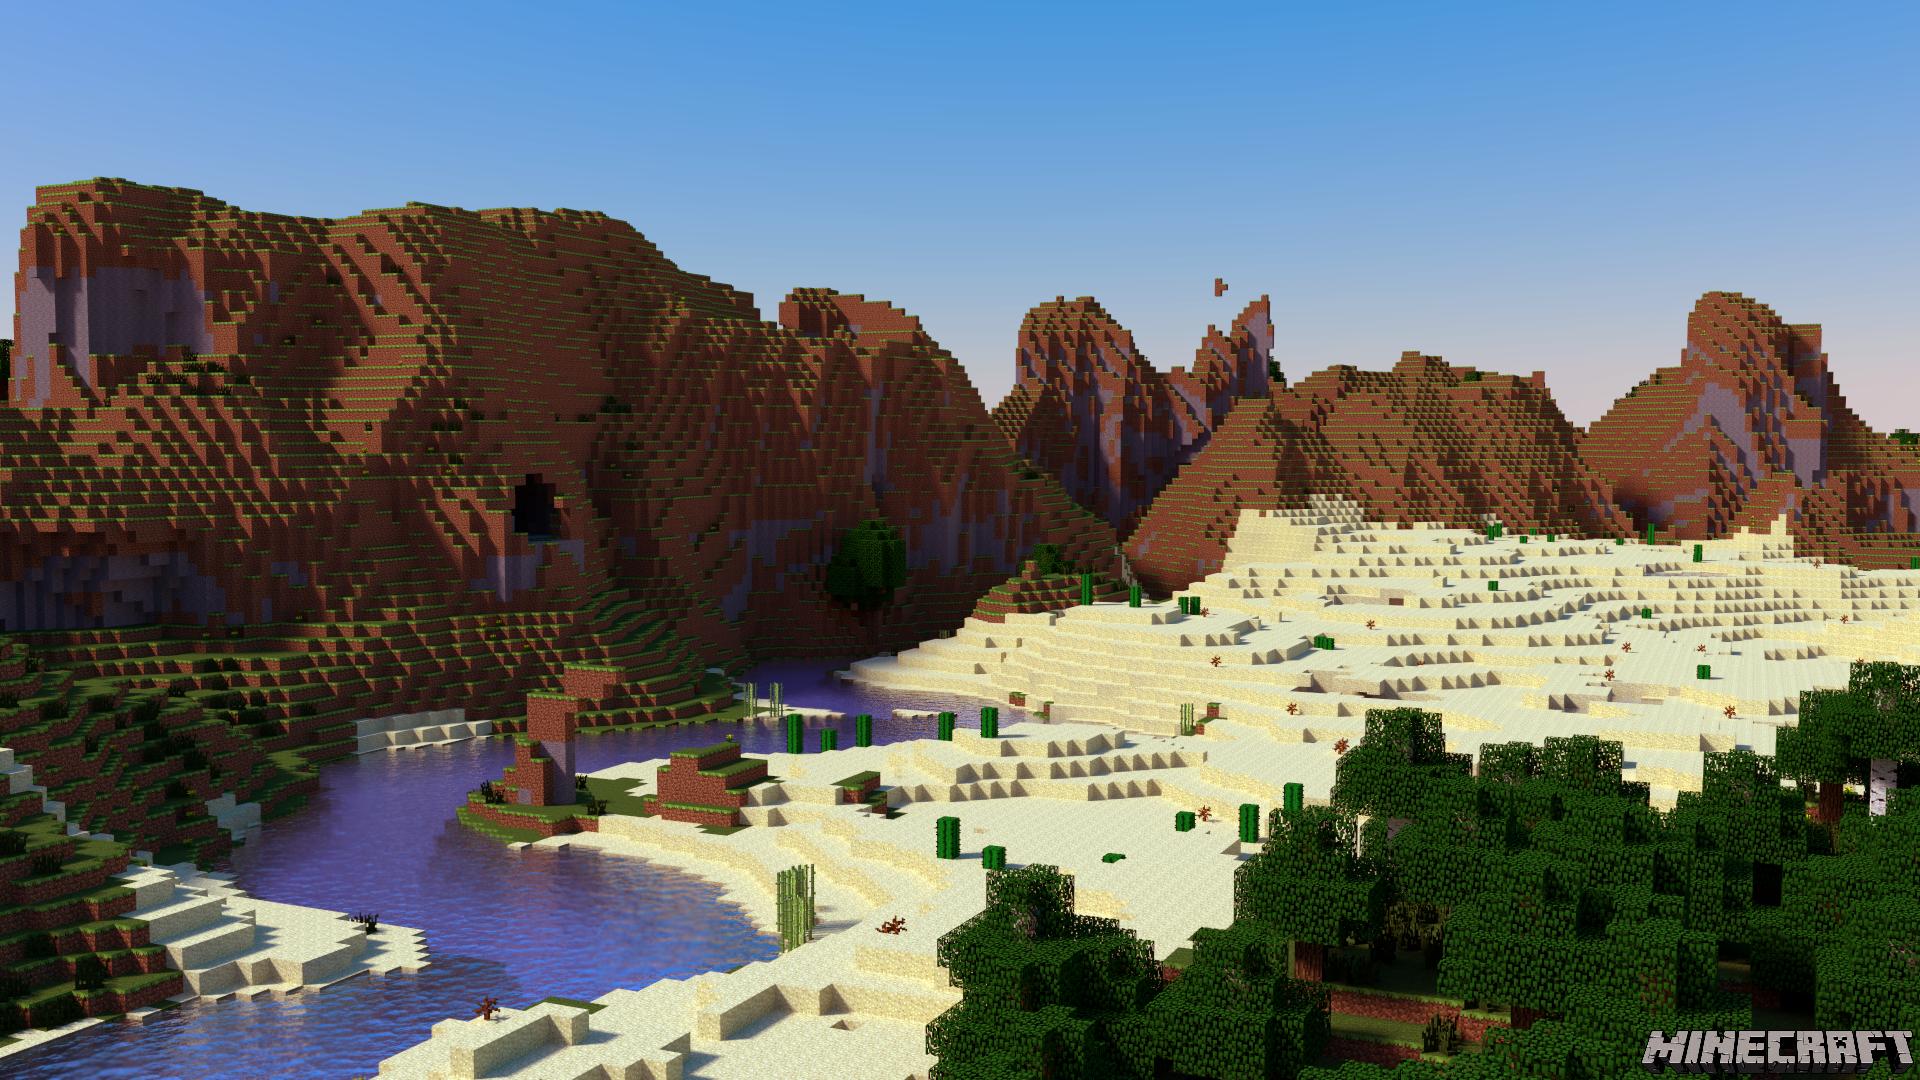 Minecraft Desktop - Flowing River by PerpetualStudios